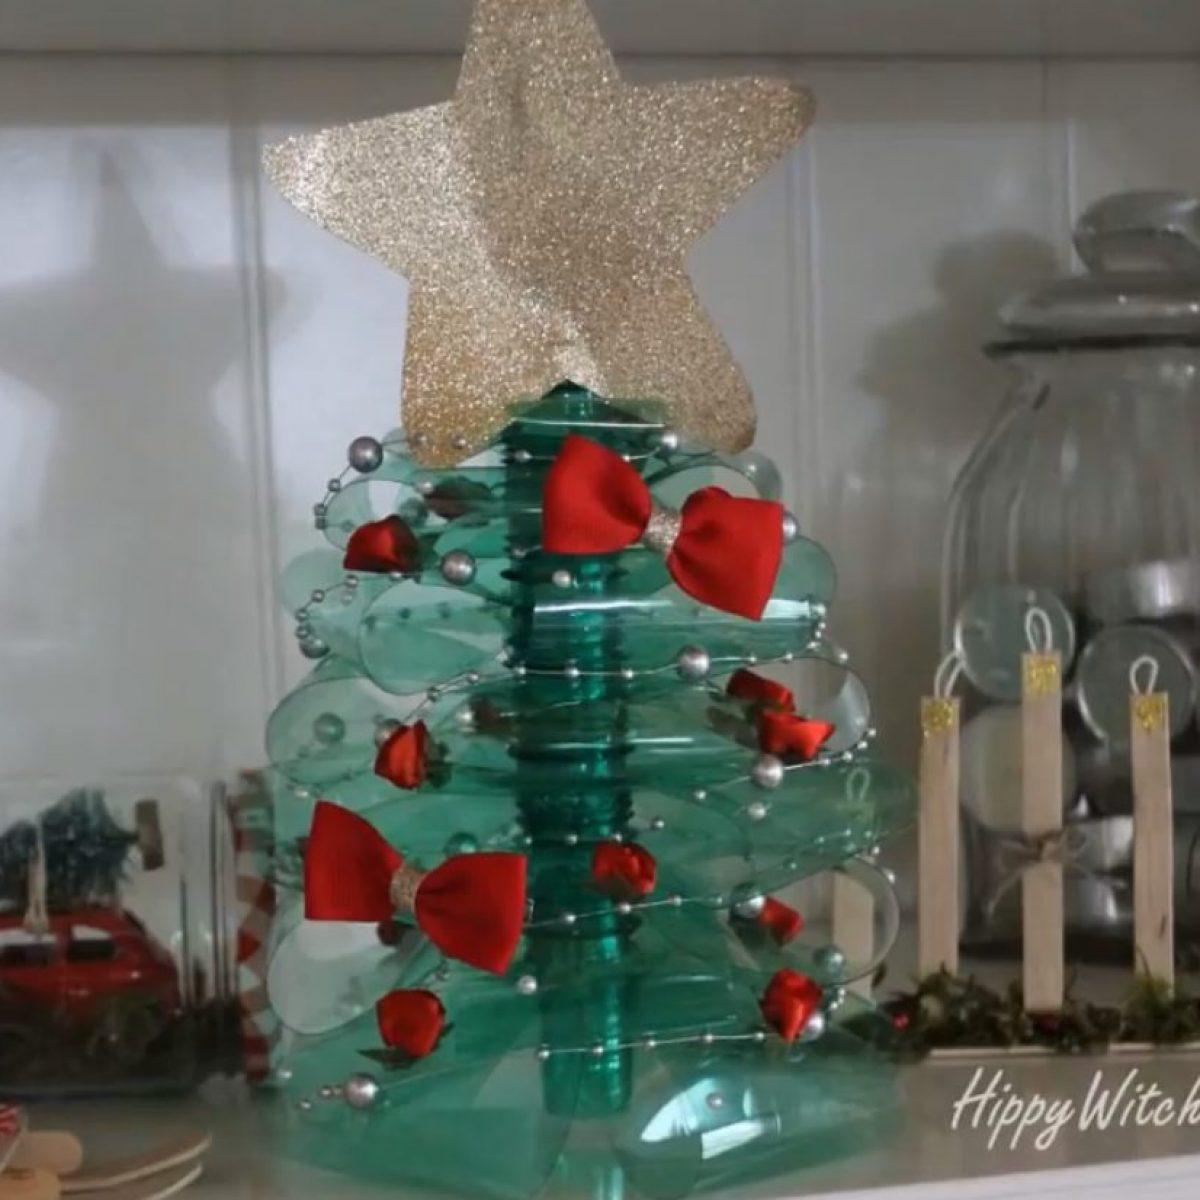 Idee Di Riciclo Per Natale l'albero di natale fai da te con bottiglie di plastica: l'originale idea di  riciclo